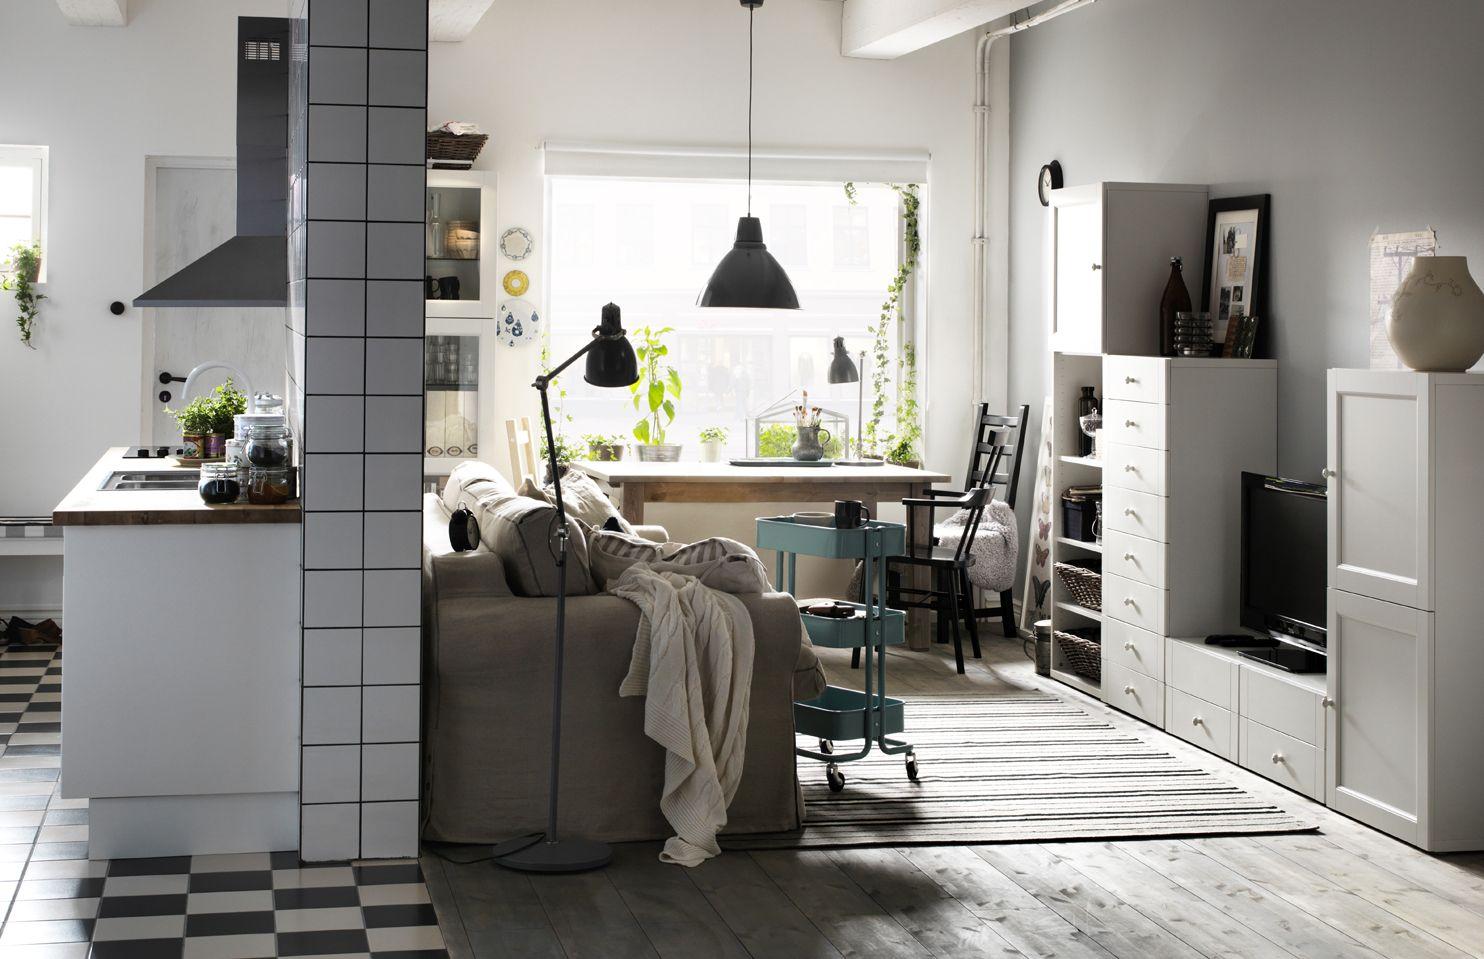 IKEA sterreich Inspiration Wohnzimmer Regal BEST Plaid URSULA Wandschrank FAKTUM